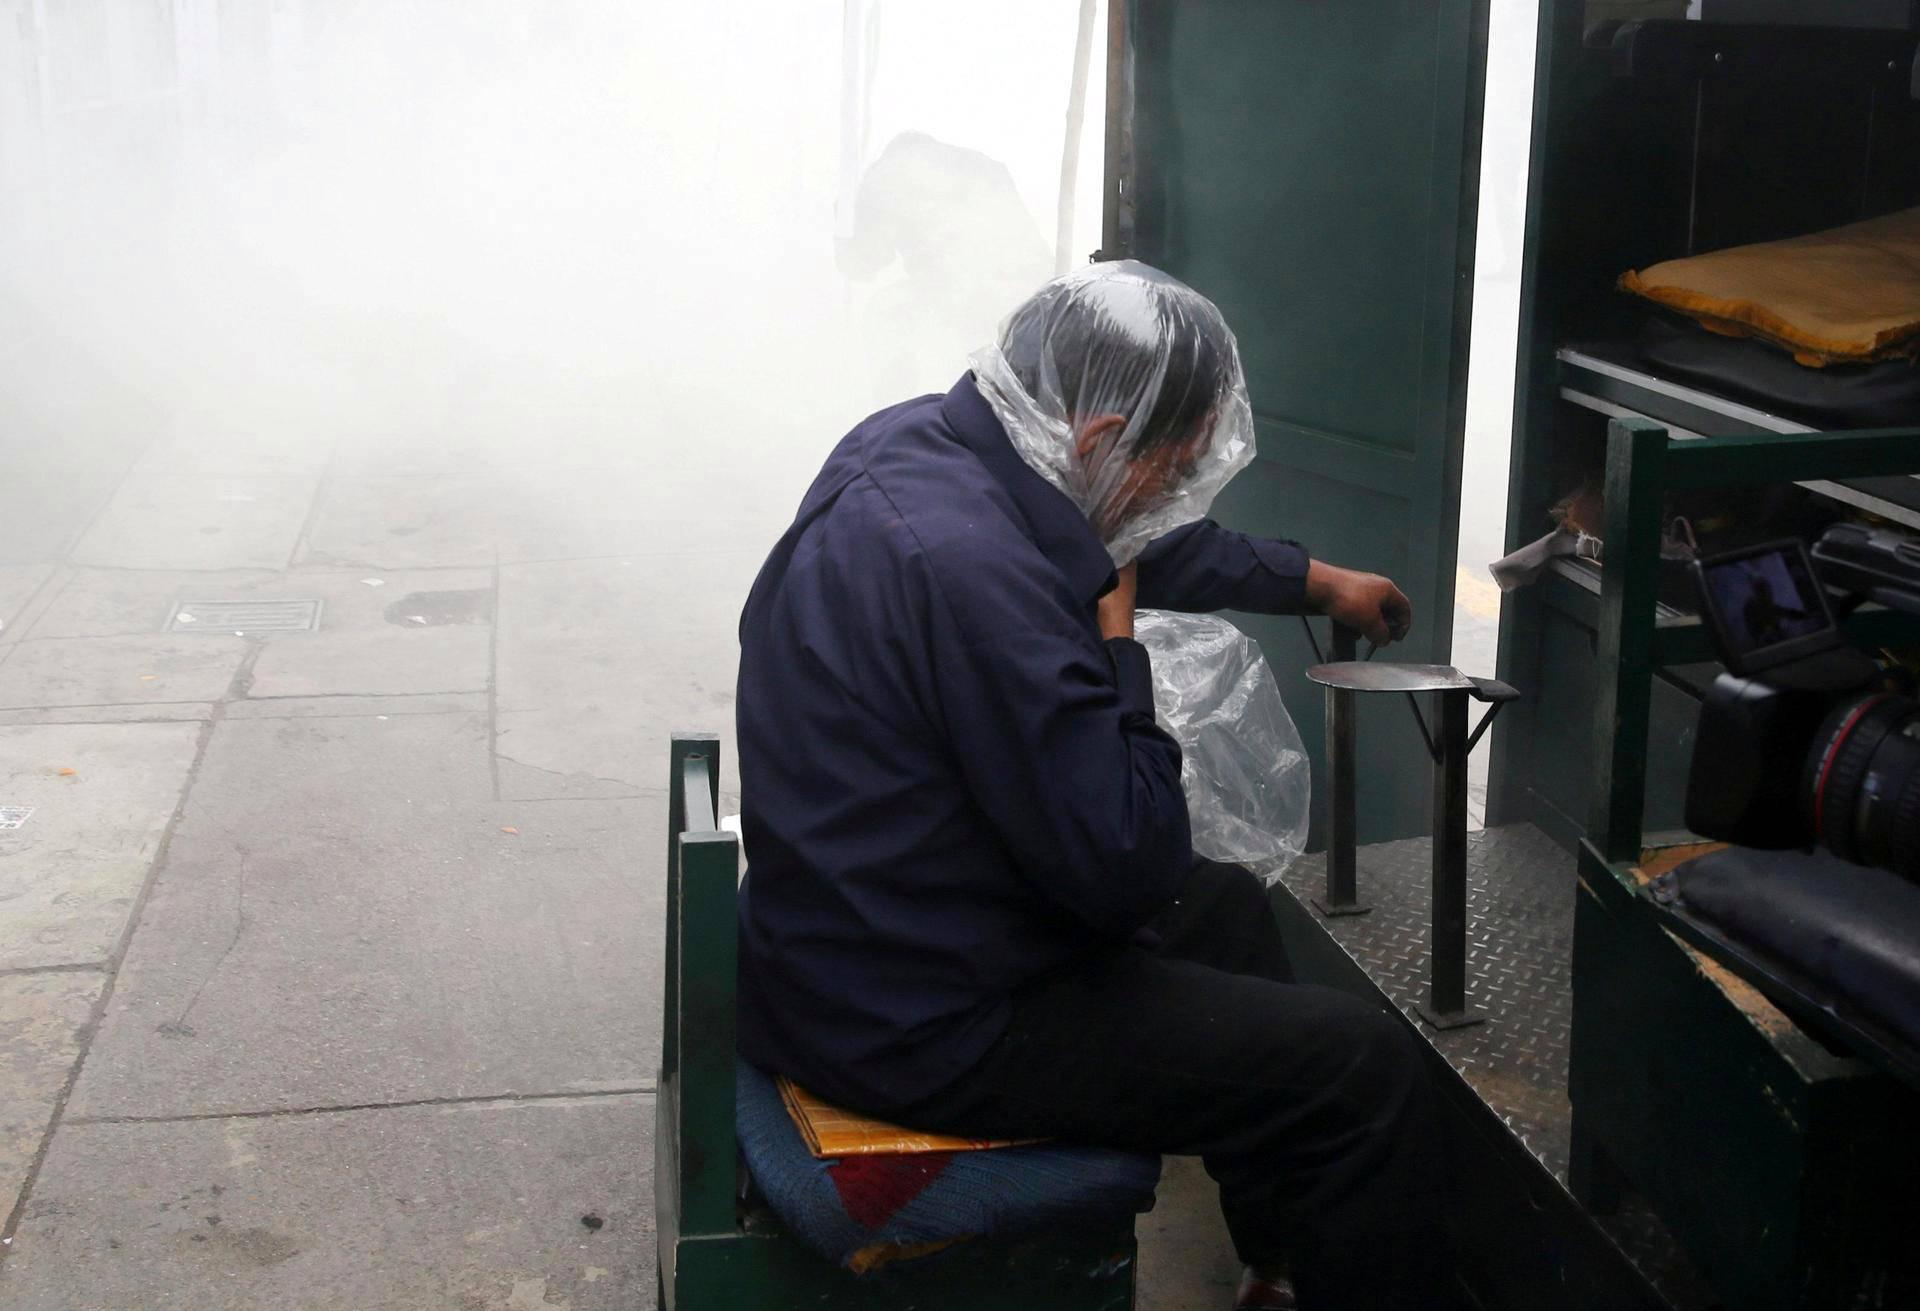 Kengänkiillottaja suojasi muovinpalalla itseään kyynelkaasulta Perun opettajien liiton ja poliisien välisen yhteenoton aikana Limassa. Opettajat vaativat palkankorotuksia ja parempia työoloja.